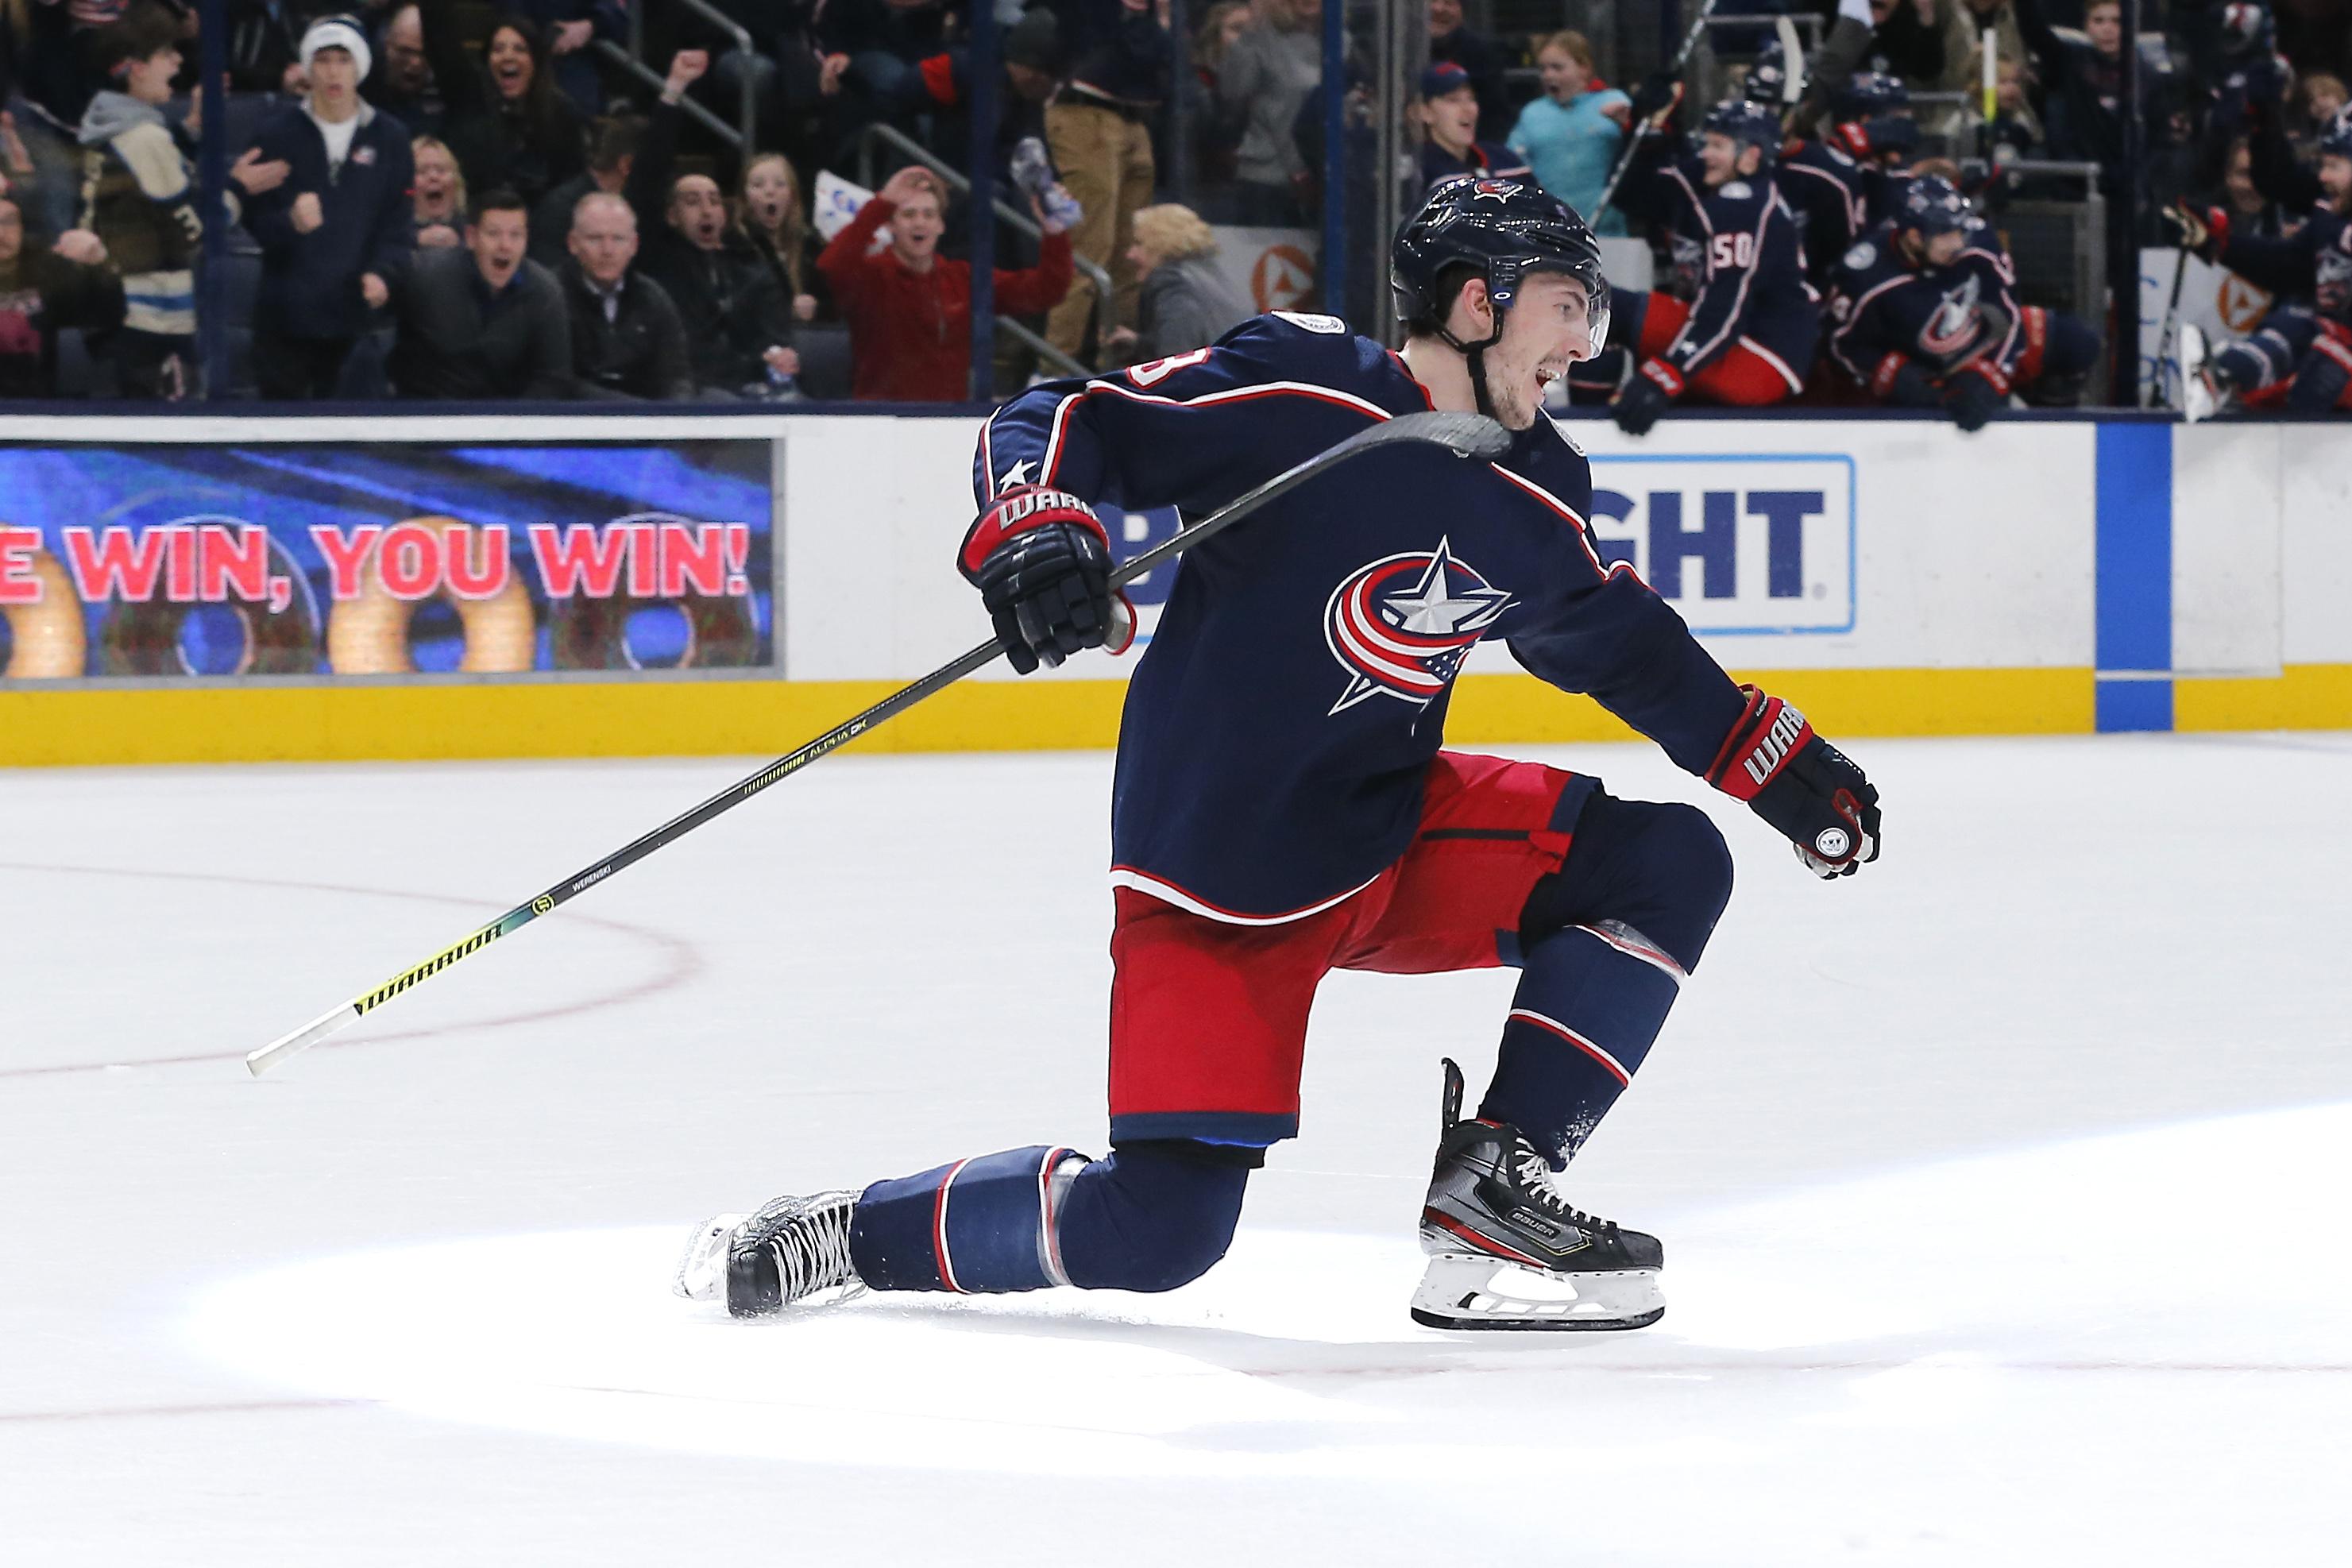 NHL: Florida Panthers at Columbus Blue Jackets